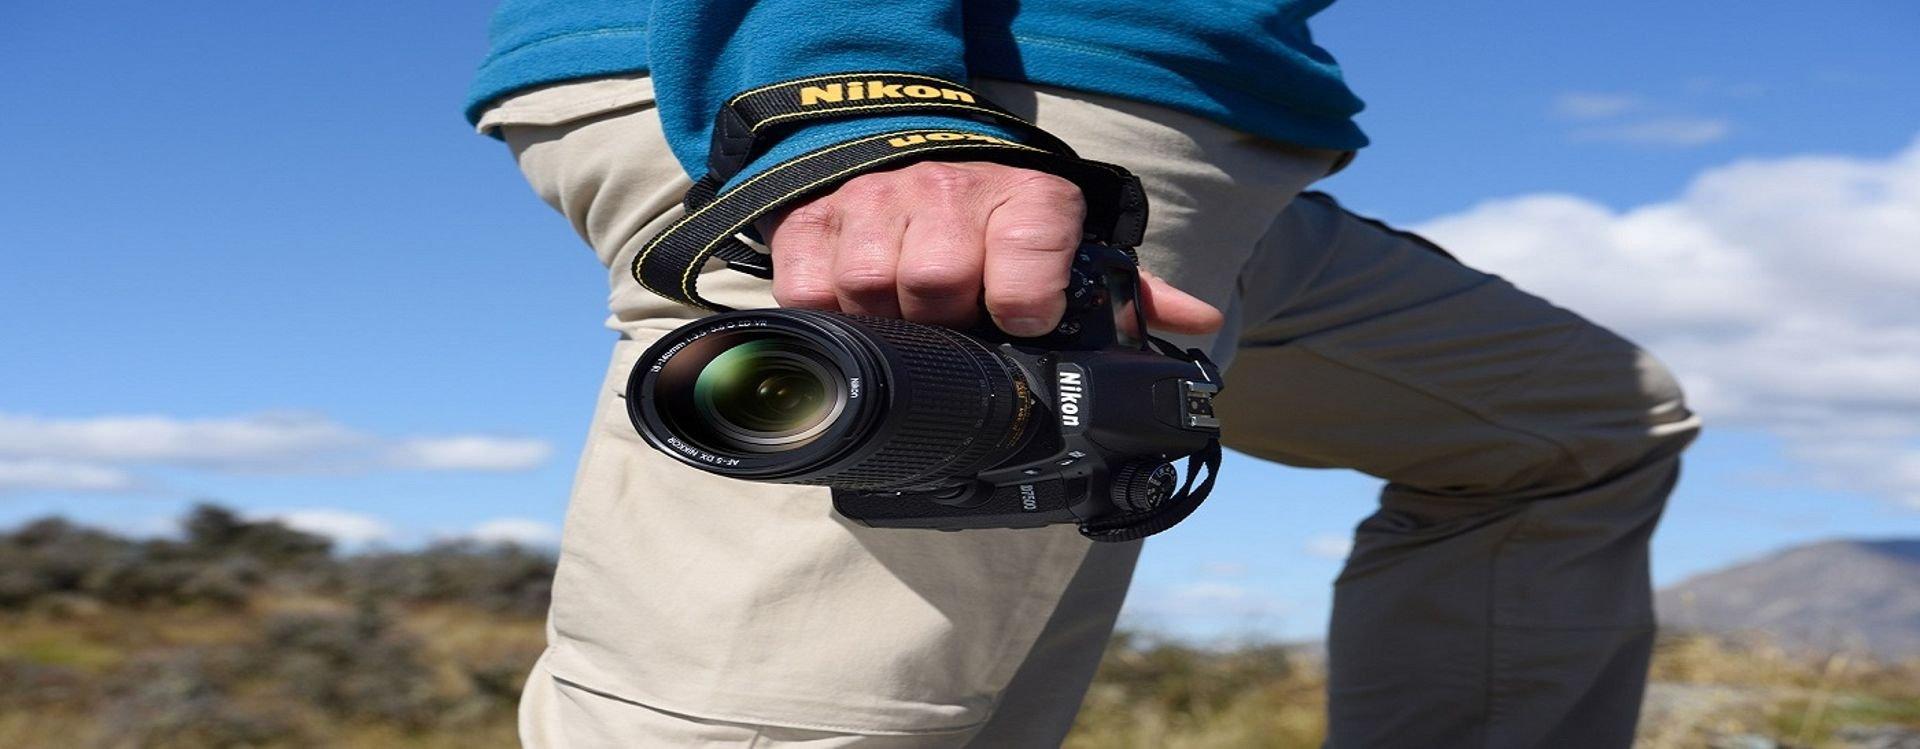 ما هي مواصفات كاميرا نيكون دي7500 الجديدة